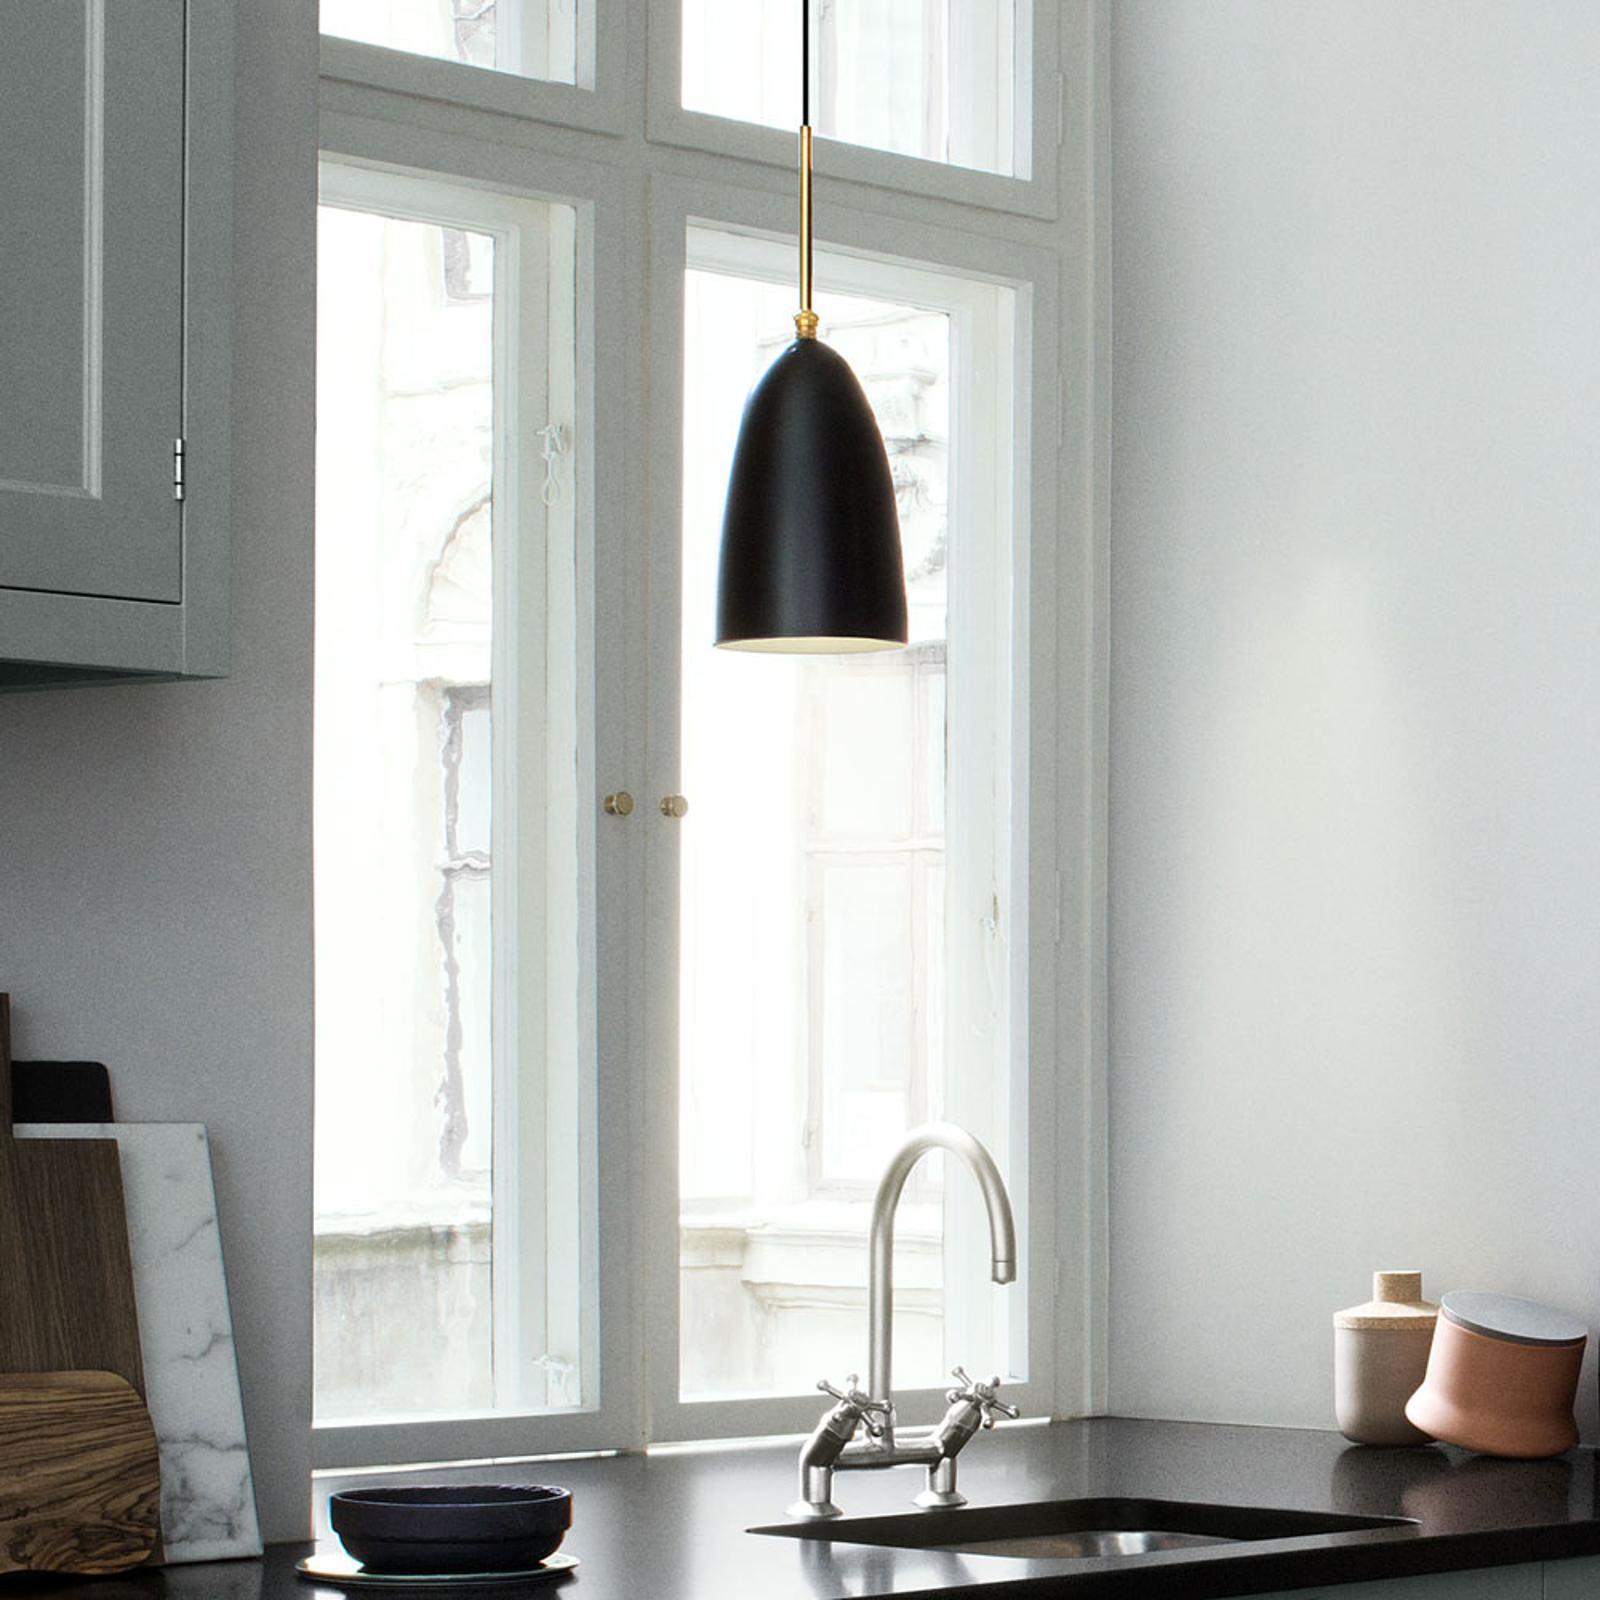 GUBI Gräshoppa hanglamp, zwart